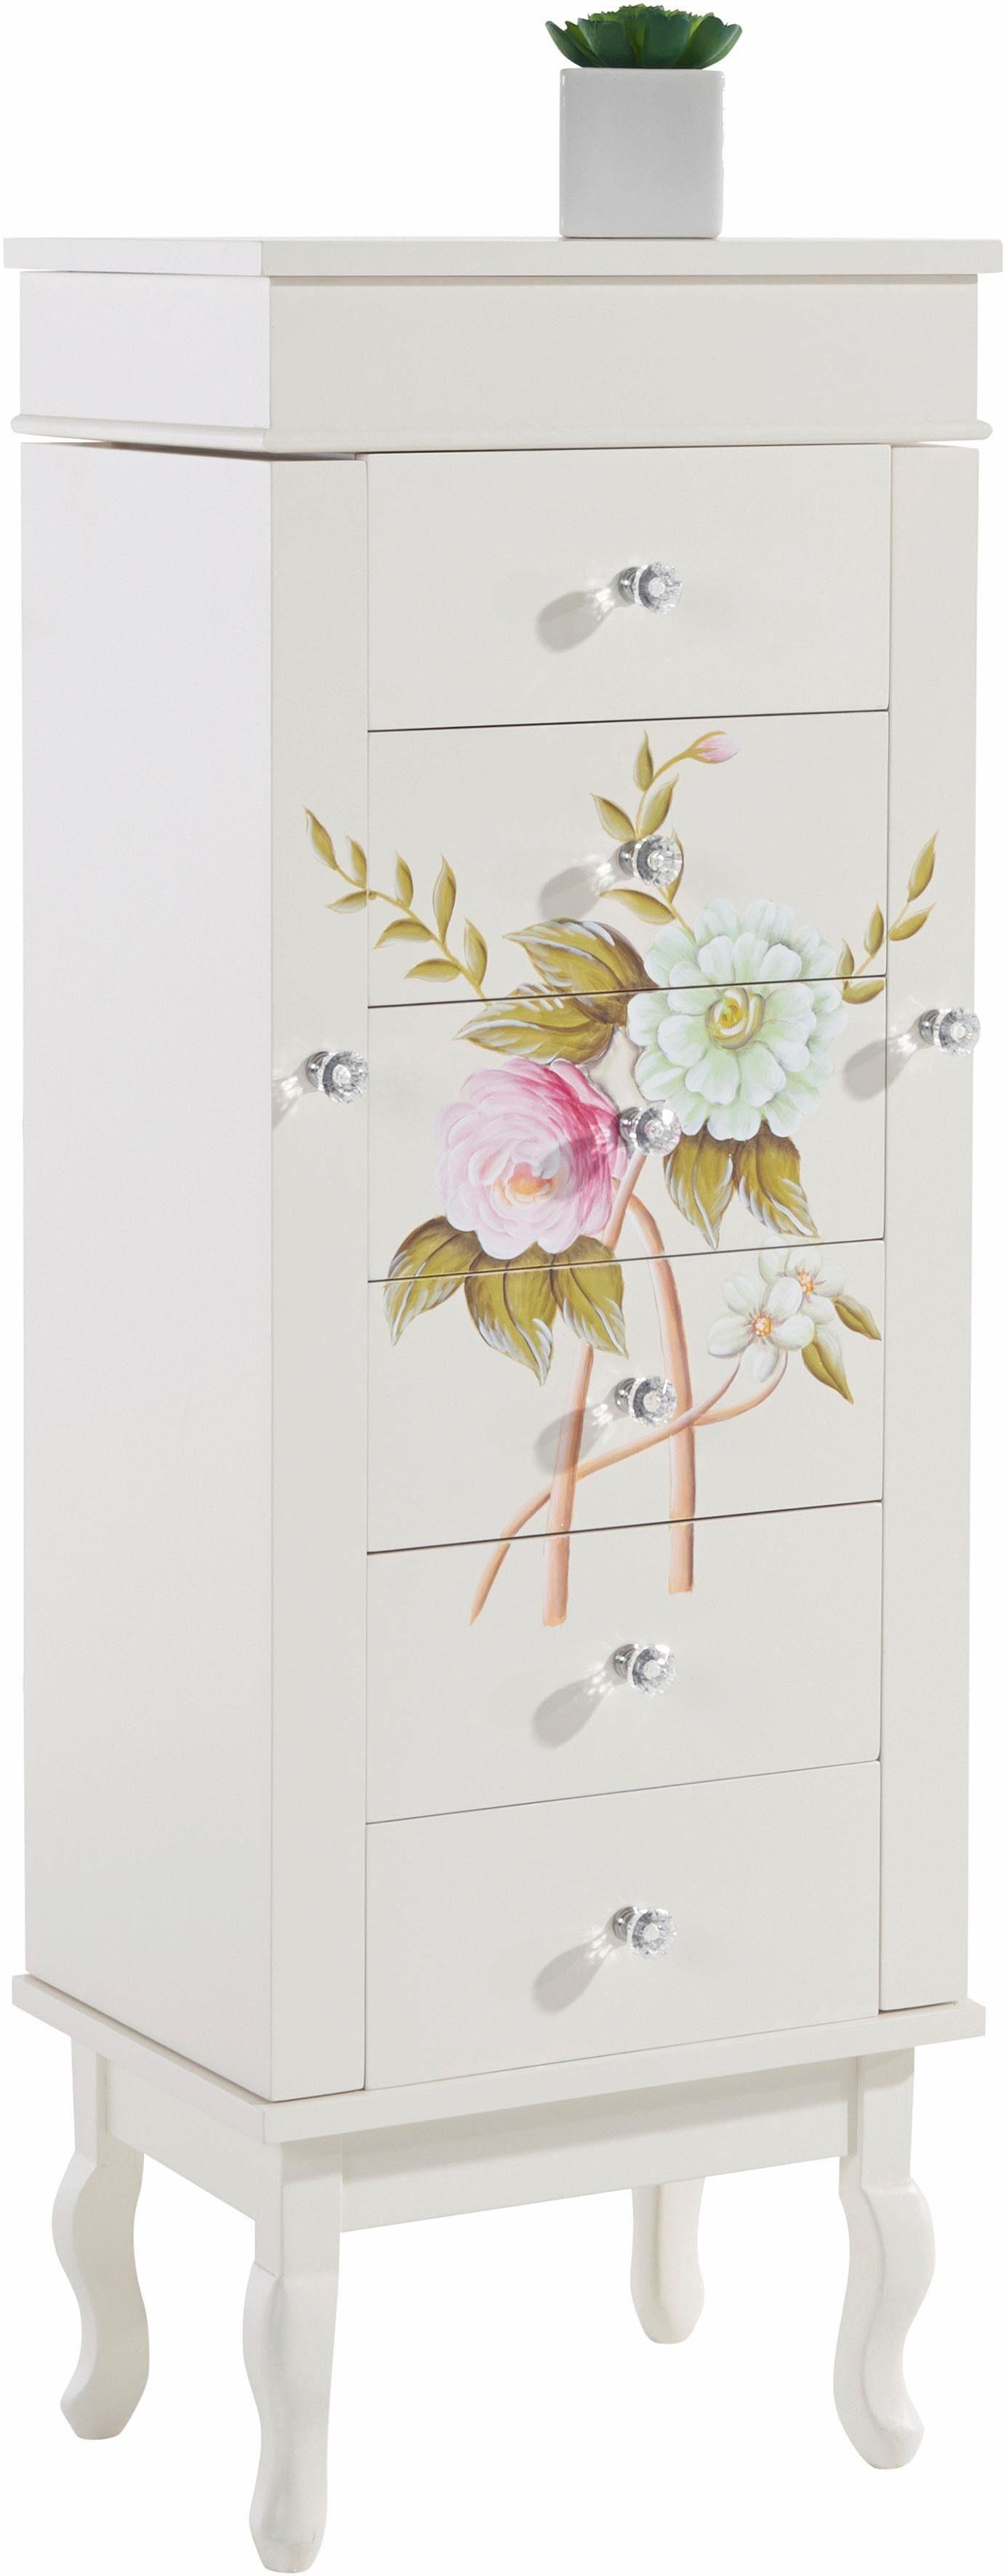 Home affaire Schmuckschrank »Flowerful« mit Blumen-Handbemalung